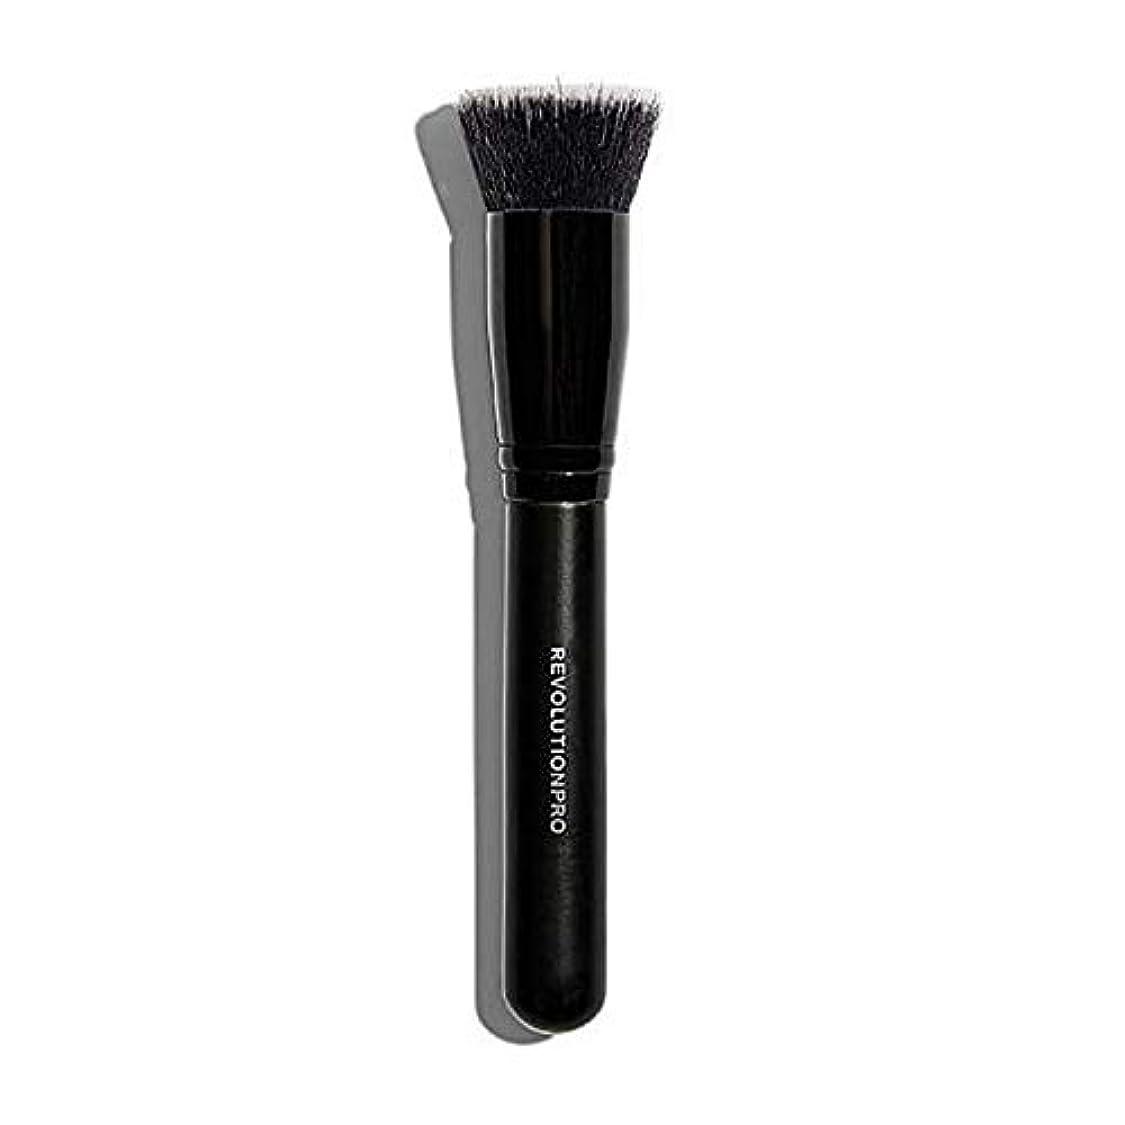 似ている買い物に行くアラブサラボ[Revolution ] 革命プロの液滴の基礎化粧ブラシ - Revolution Pro Liquid Drop Foundation Makeup Brush [並行輸入品]